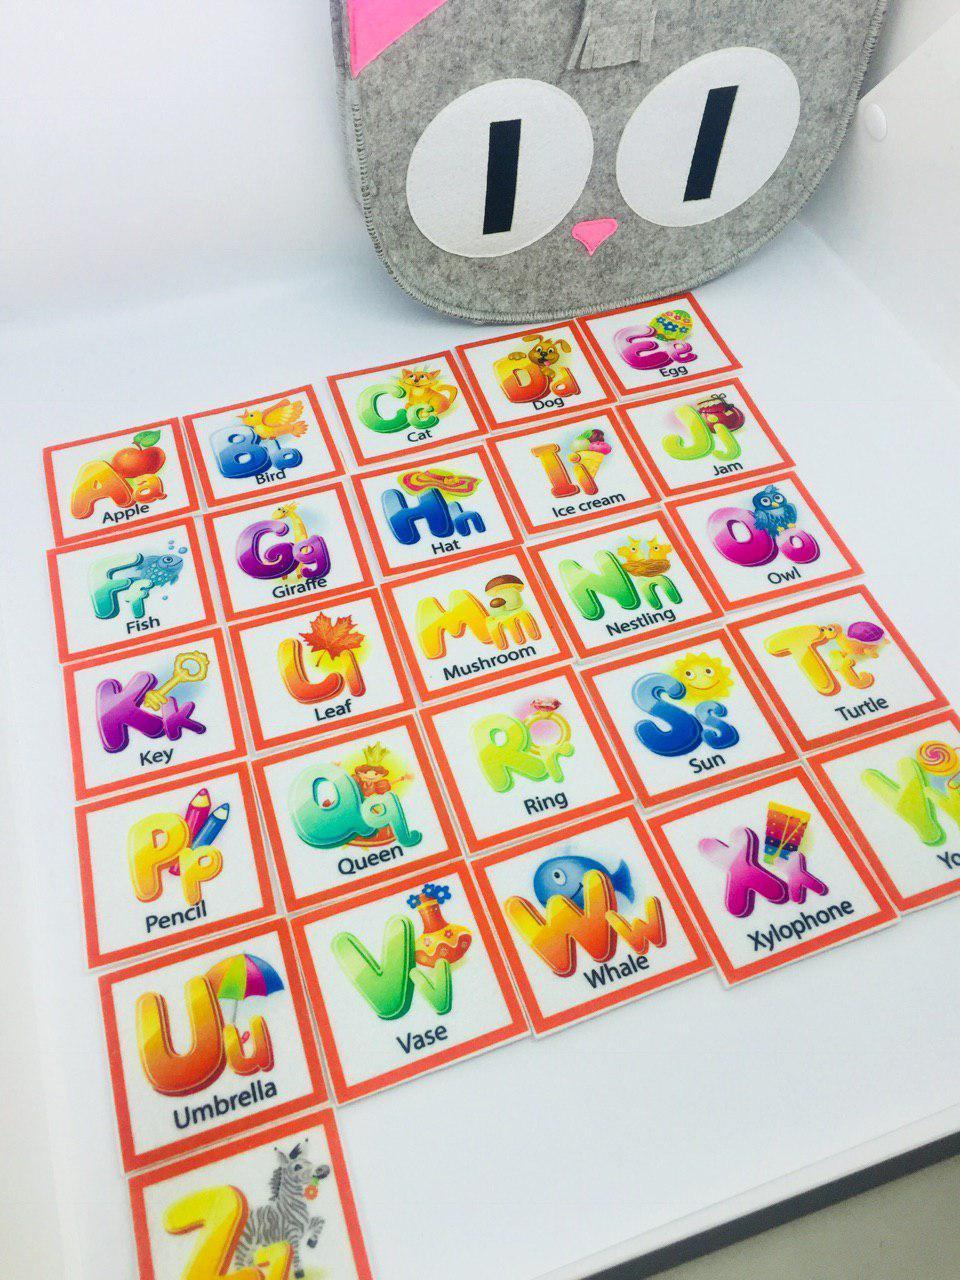 Азбука английская 26 букв по типу Монтессори и Сумка- котик для хранения